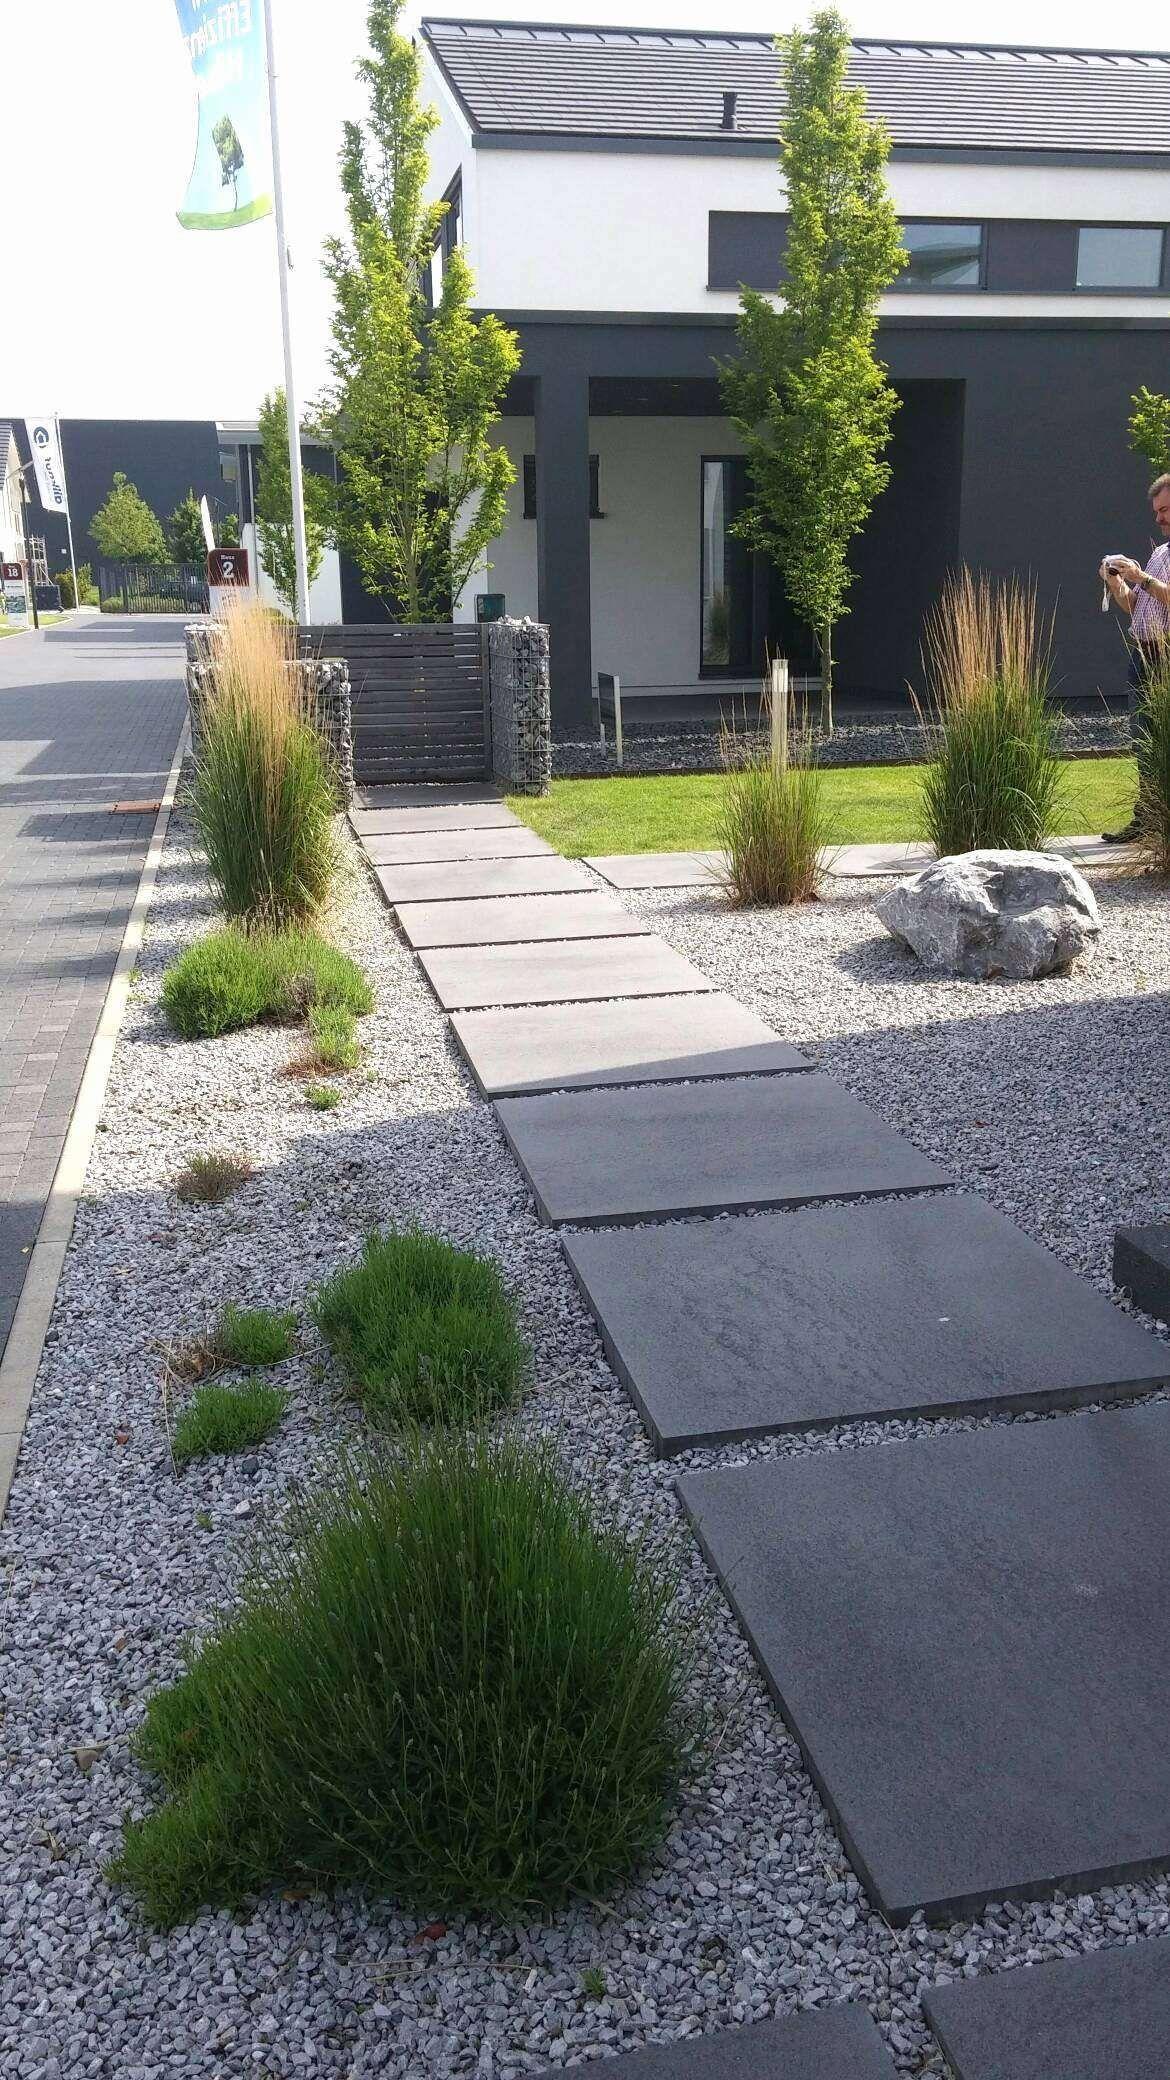 Gartengestaltung Ideen Vorgarten Frisch Garten Ideas Garten Anlegen Lovely Aussenleuchten Garten 0d